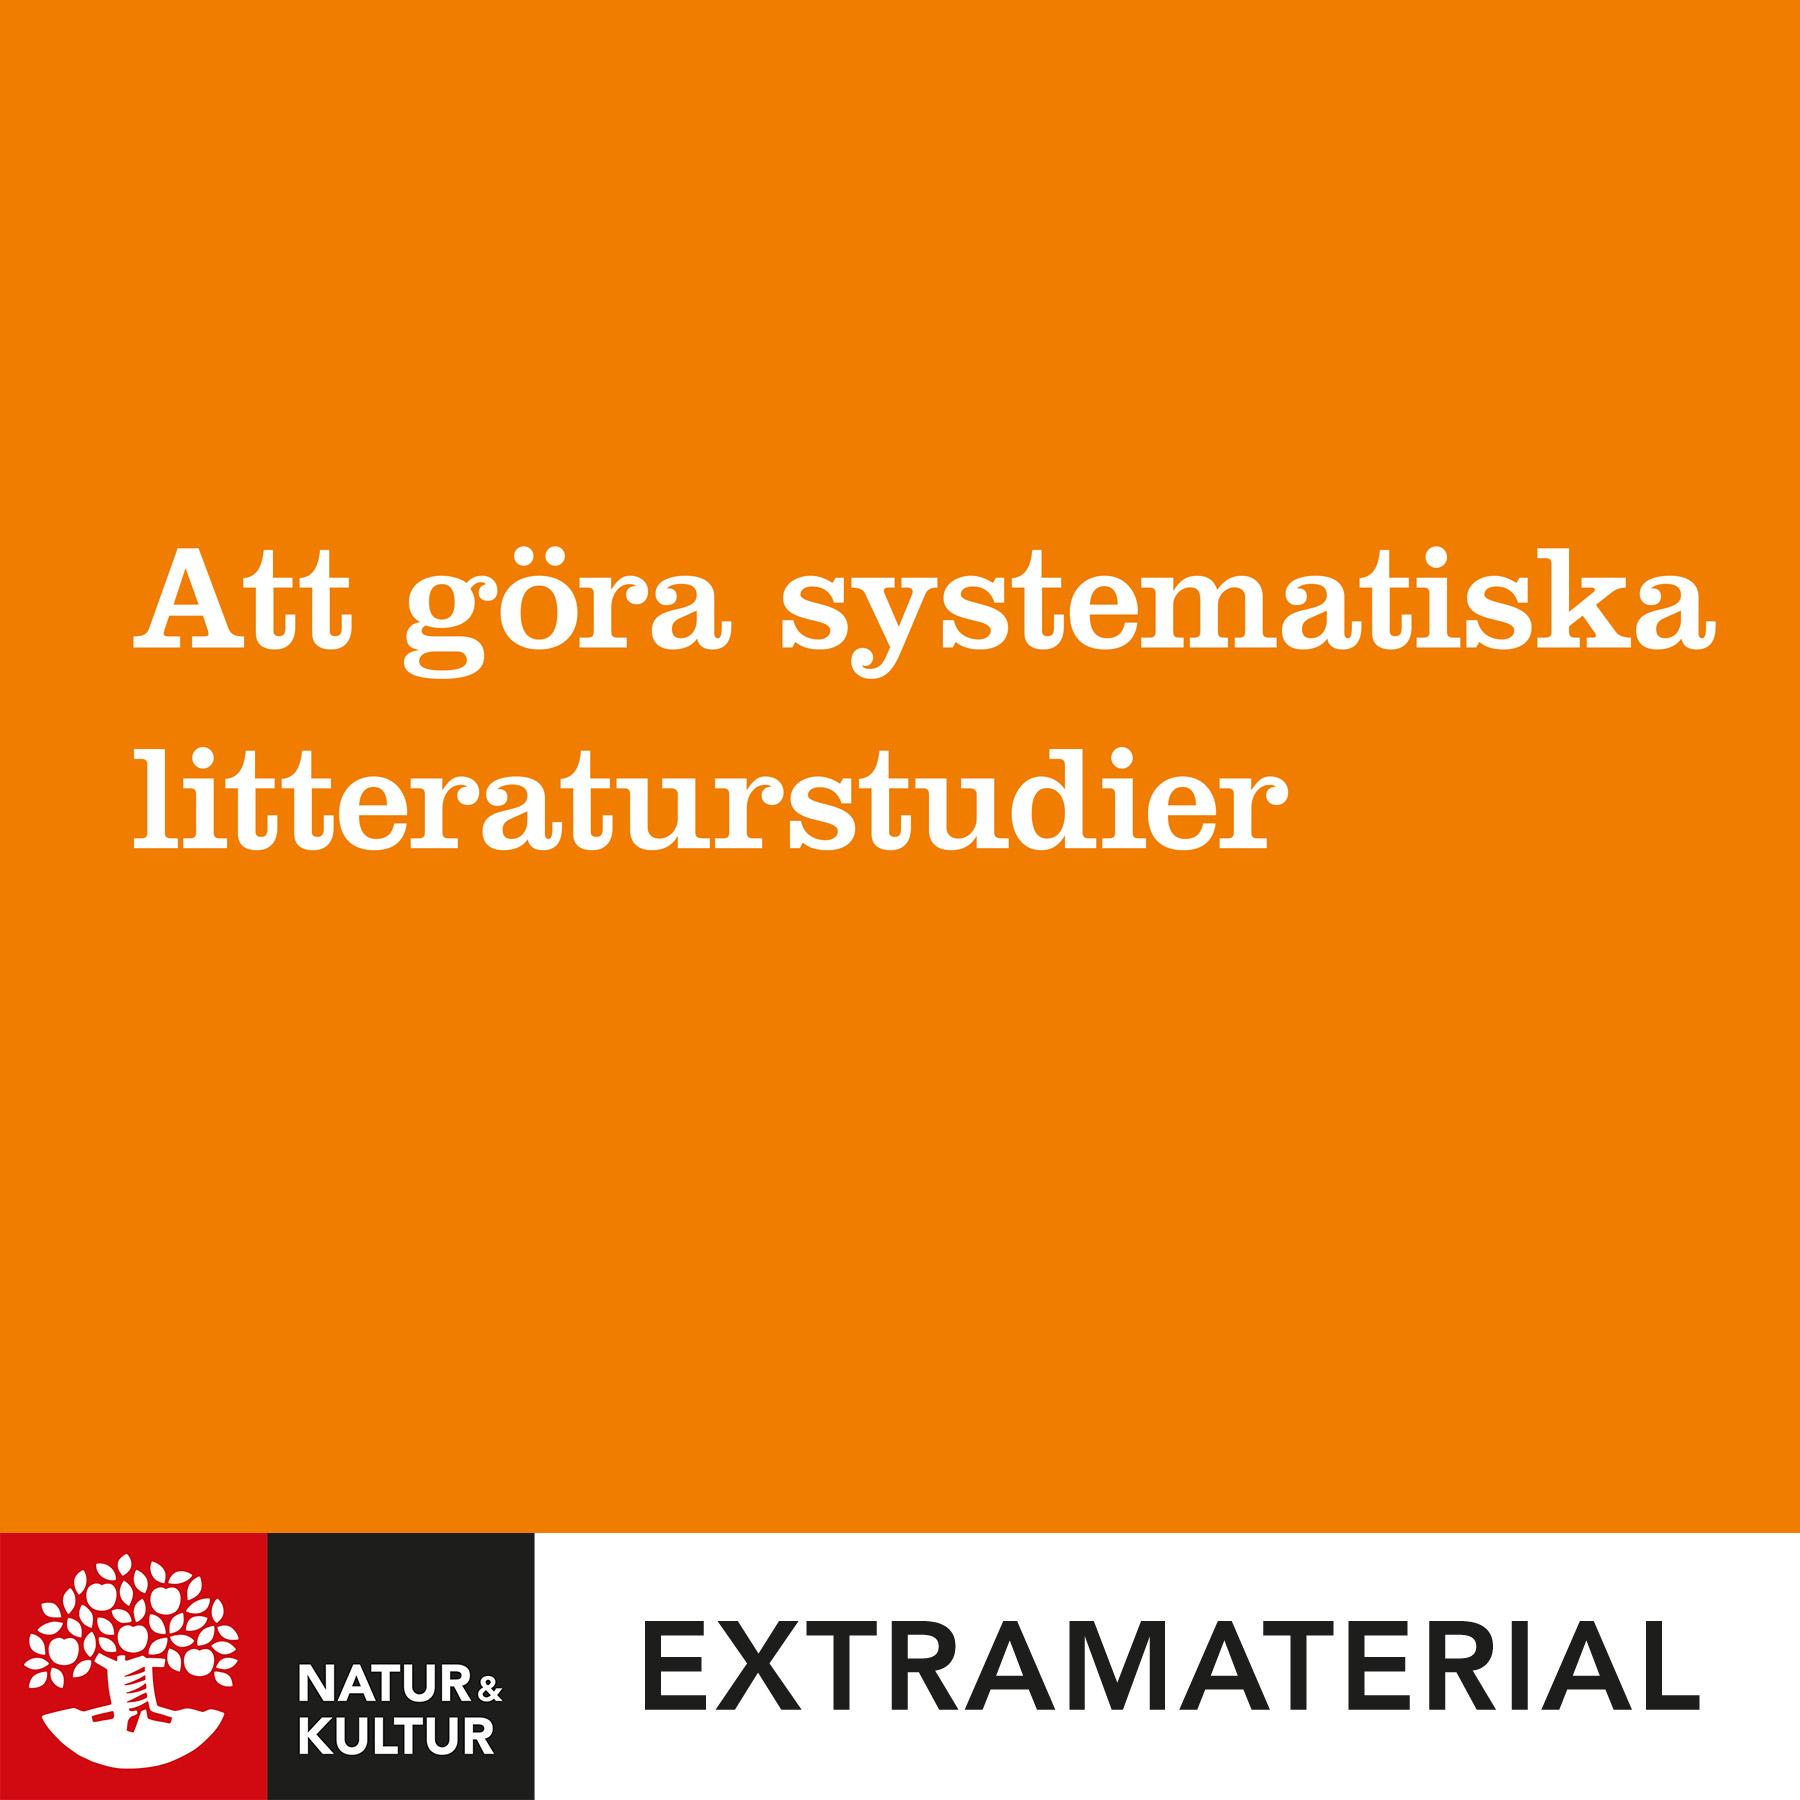 Att göra systematiska litteraturstudier (4:e utgåvan)